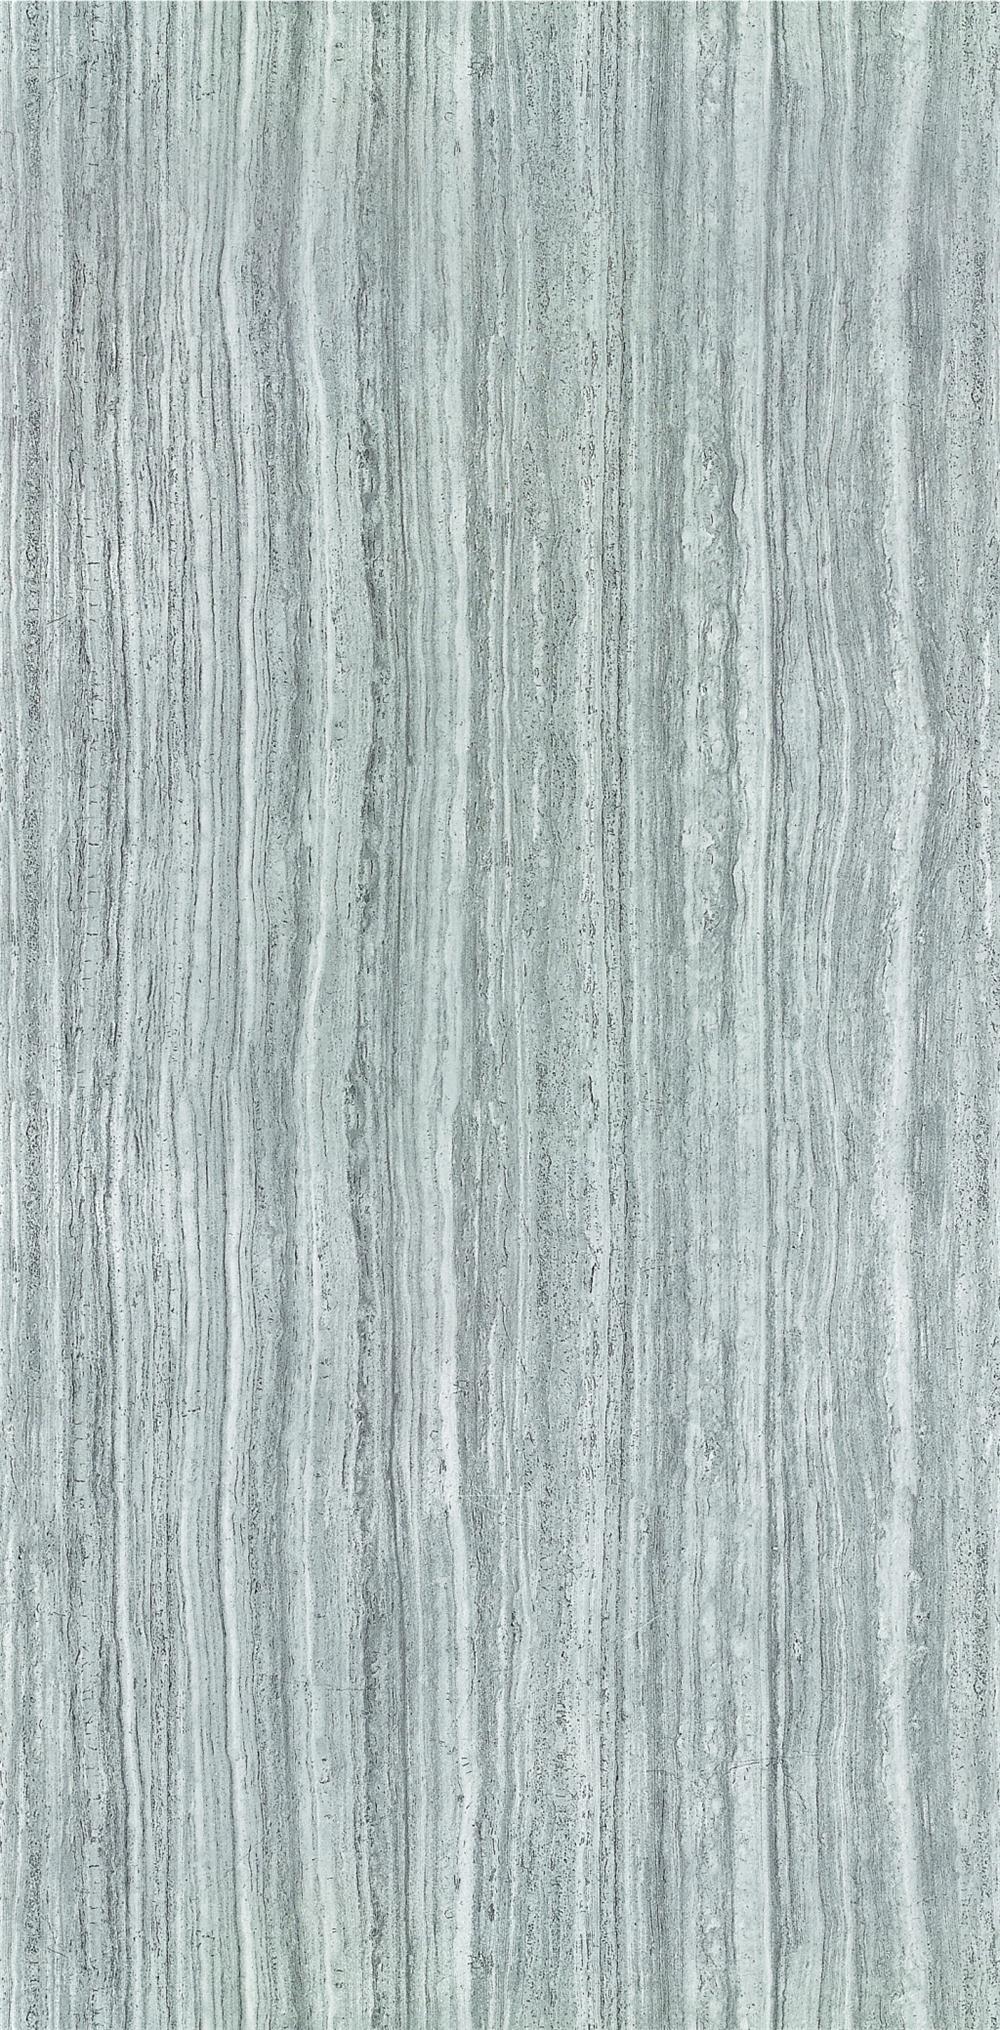 意大利线石2-PA26012(1200mmX600mm)